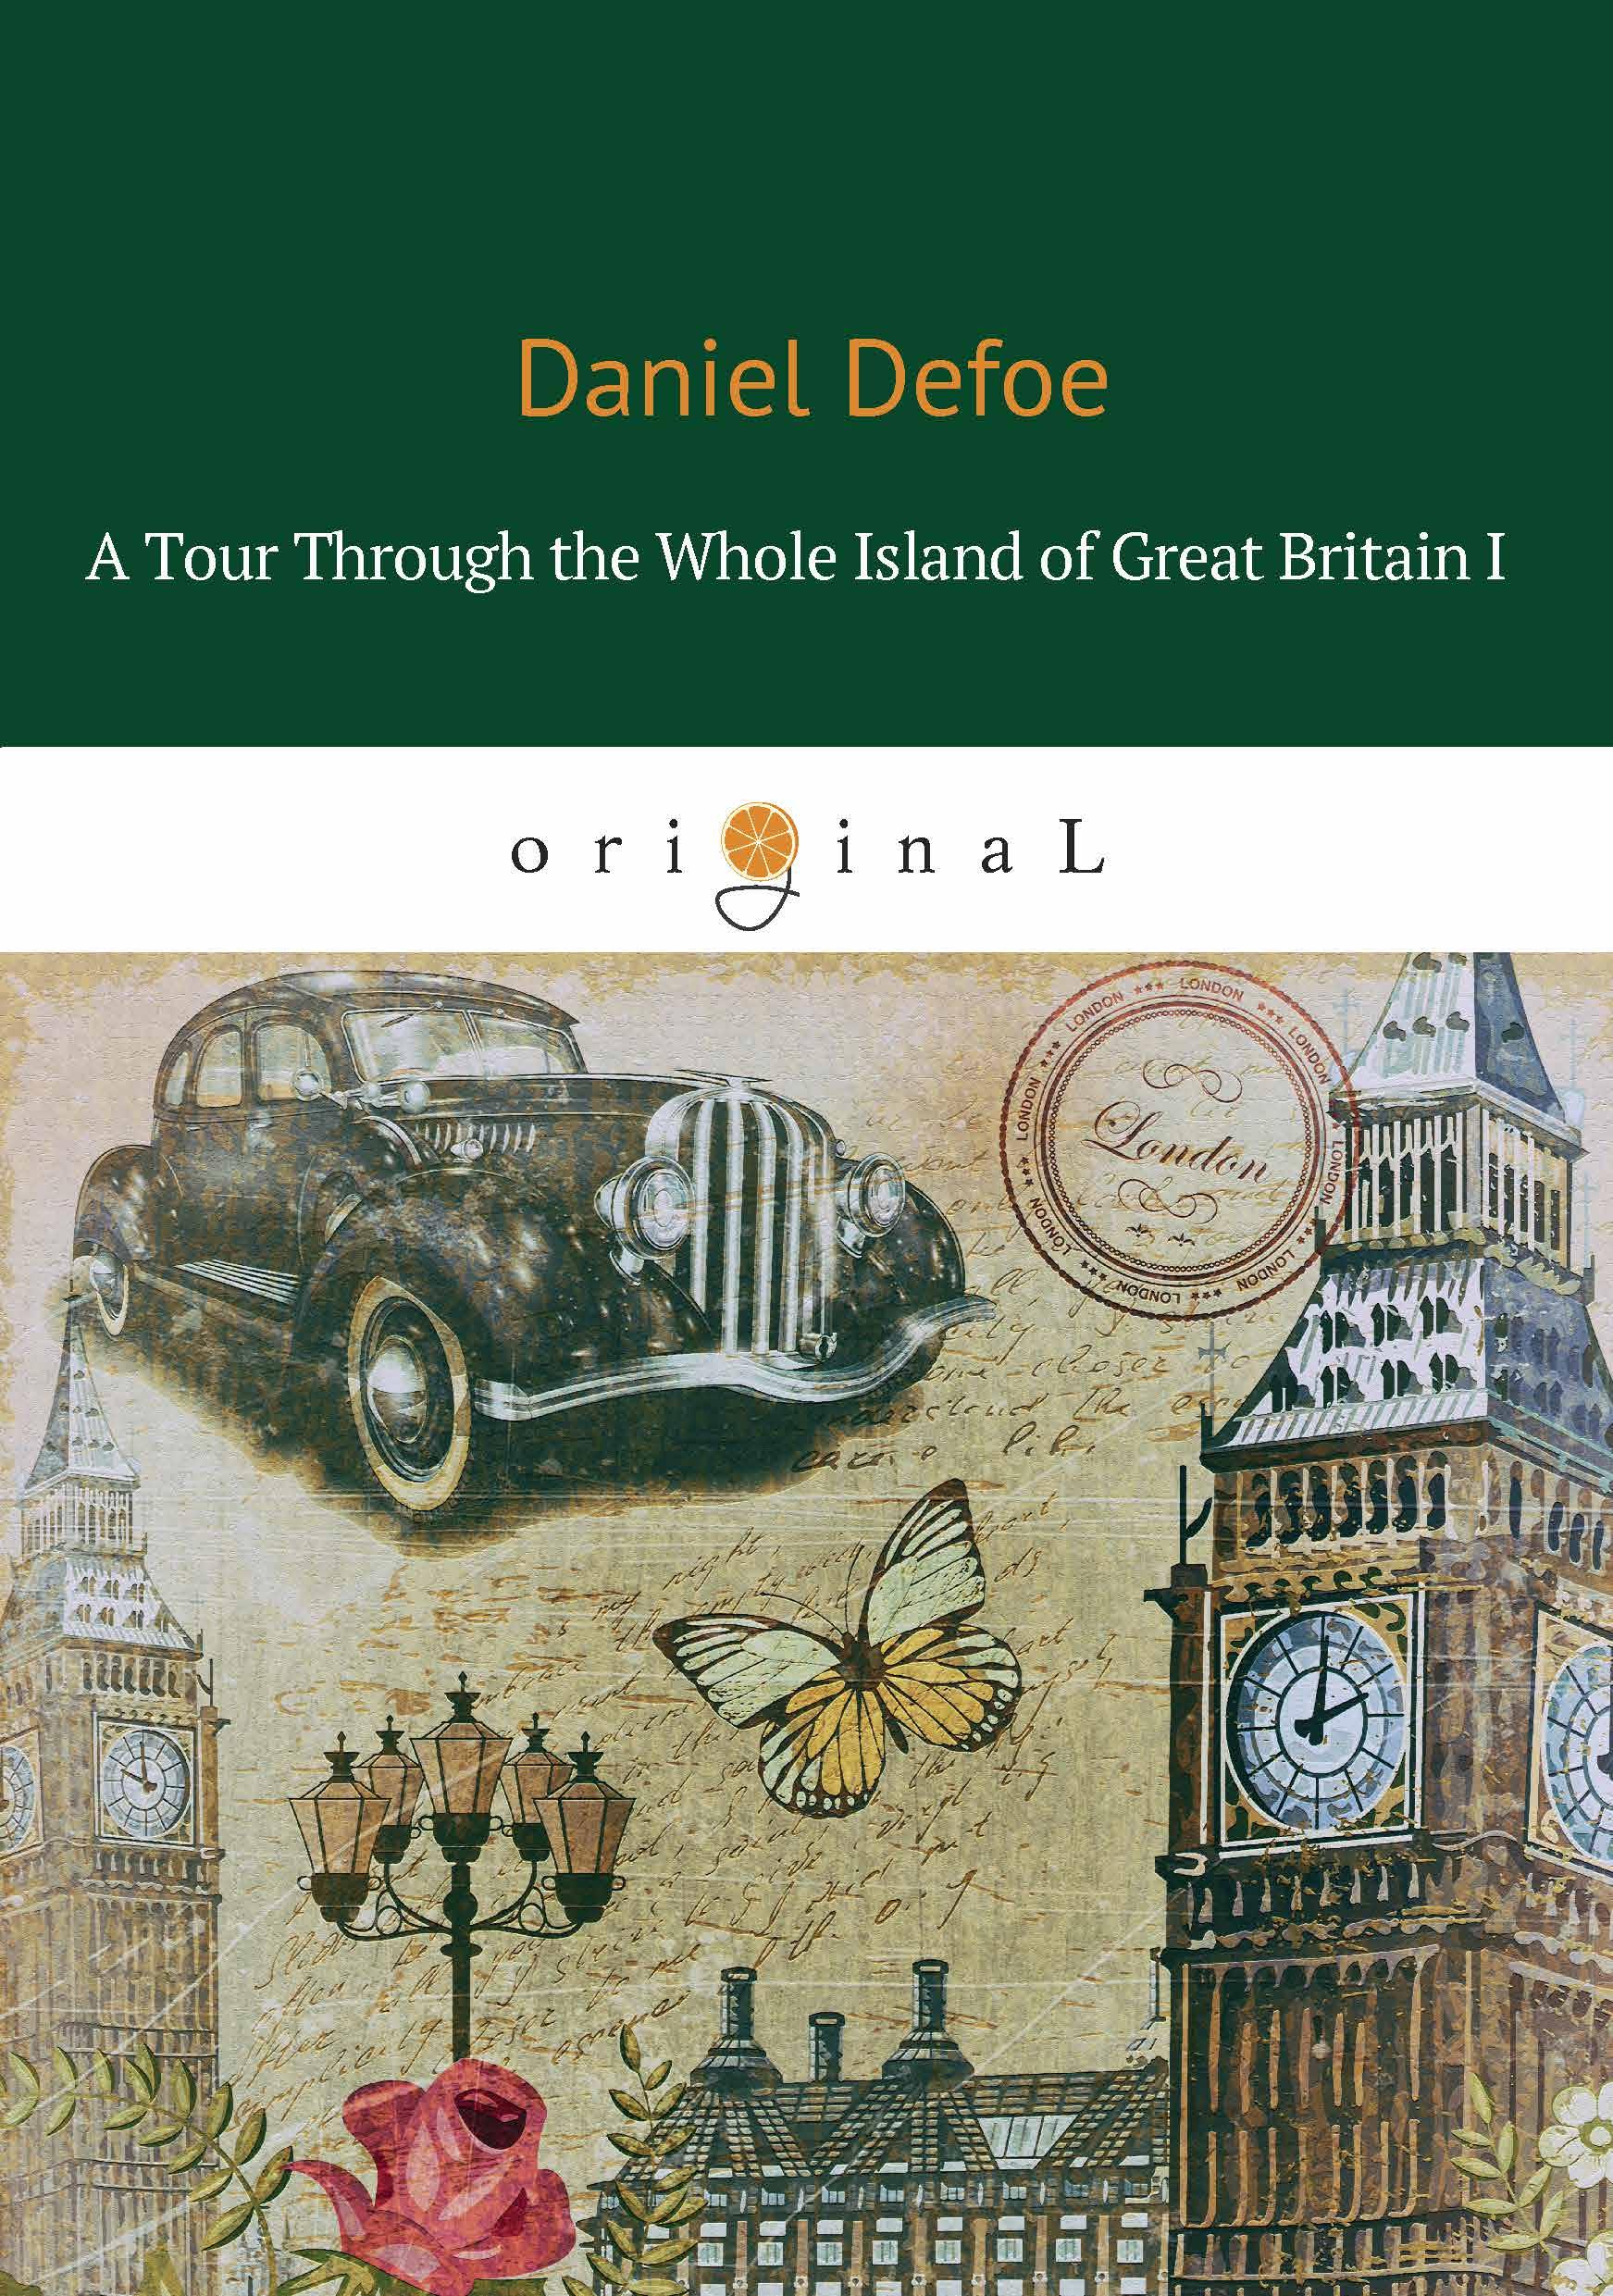 Daniel Defoe A Tour Through the Whole Island of Great Britain I defoe daniel a tour through the whole island of great britain iii